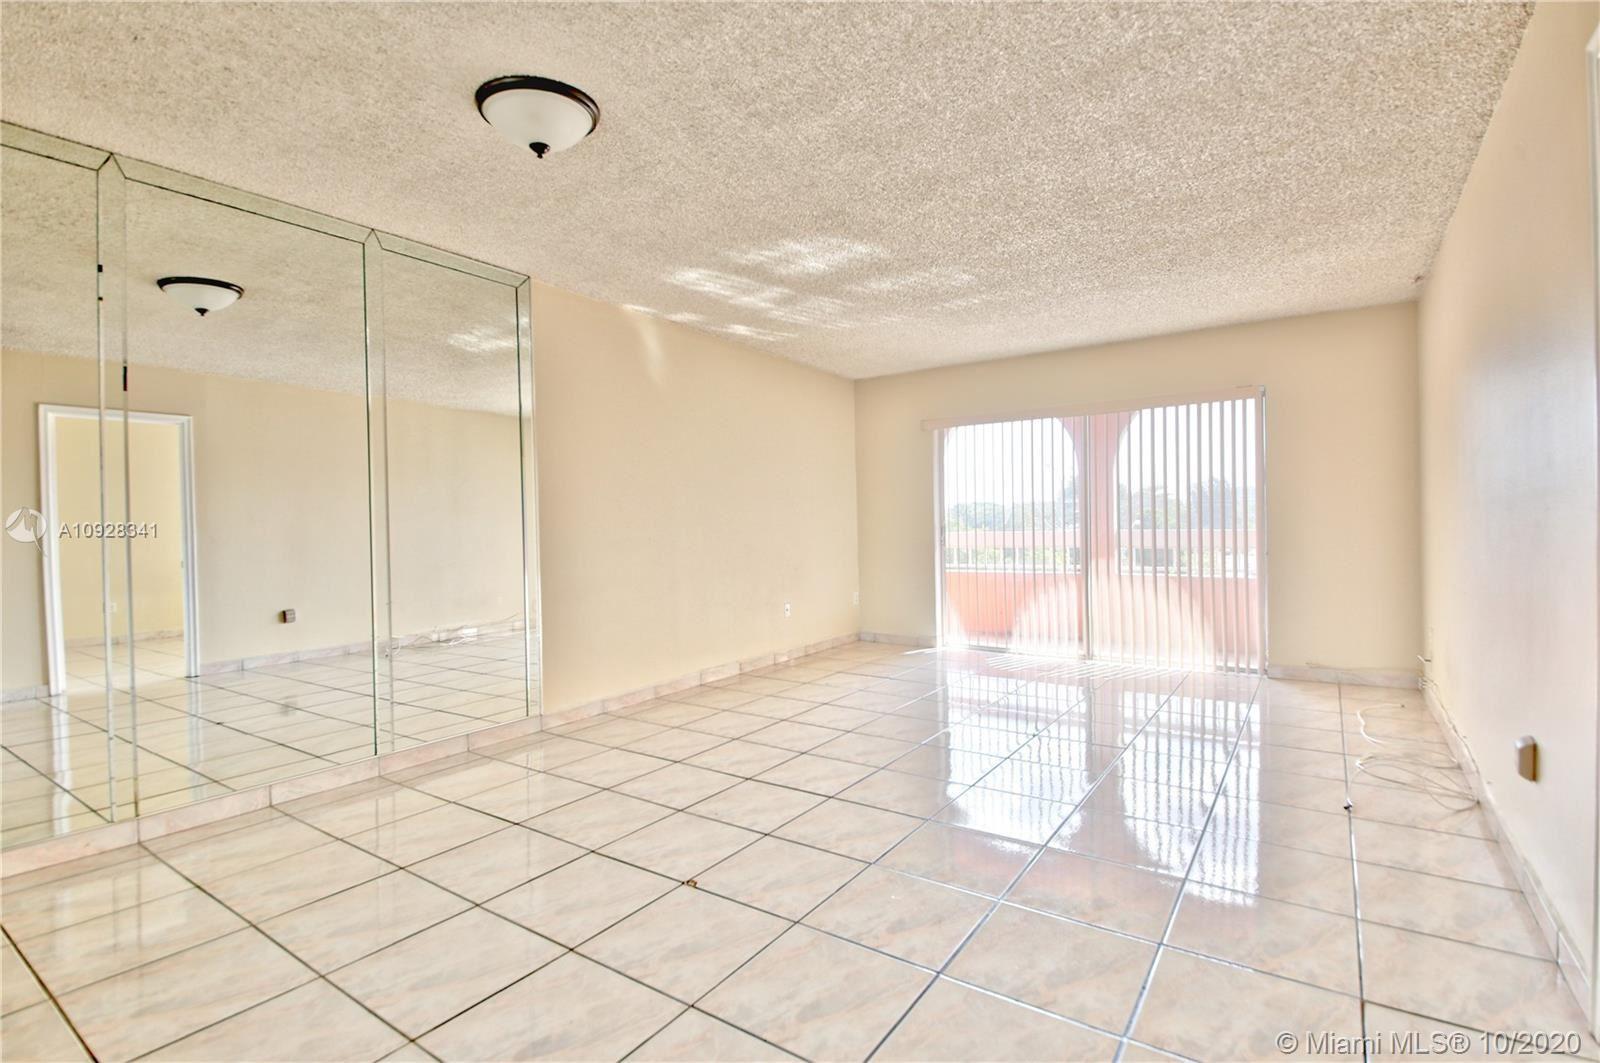 7703 Camino Real #A-412, Miami, FL 33143 - #: A10928341